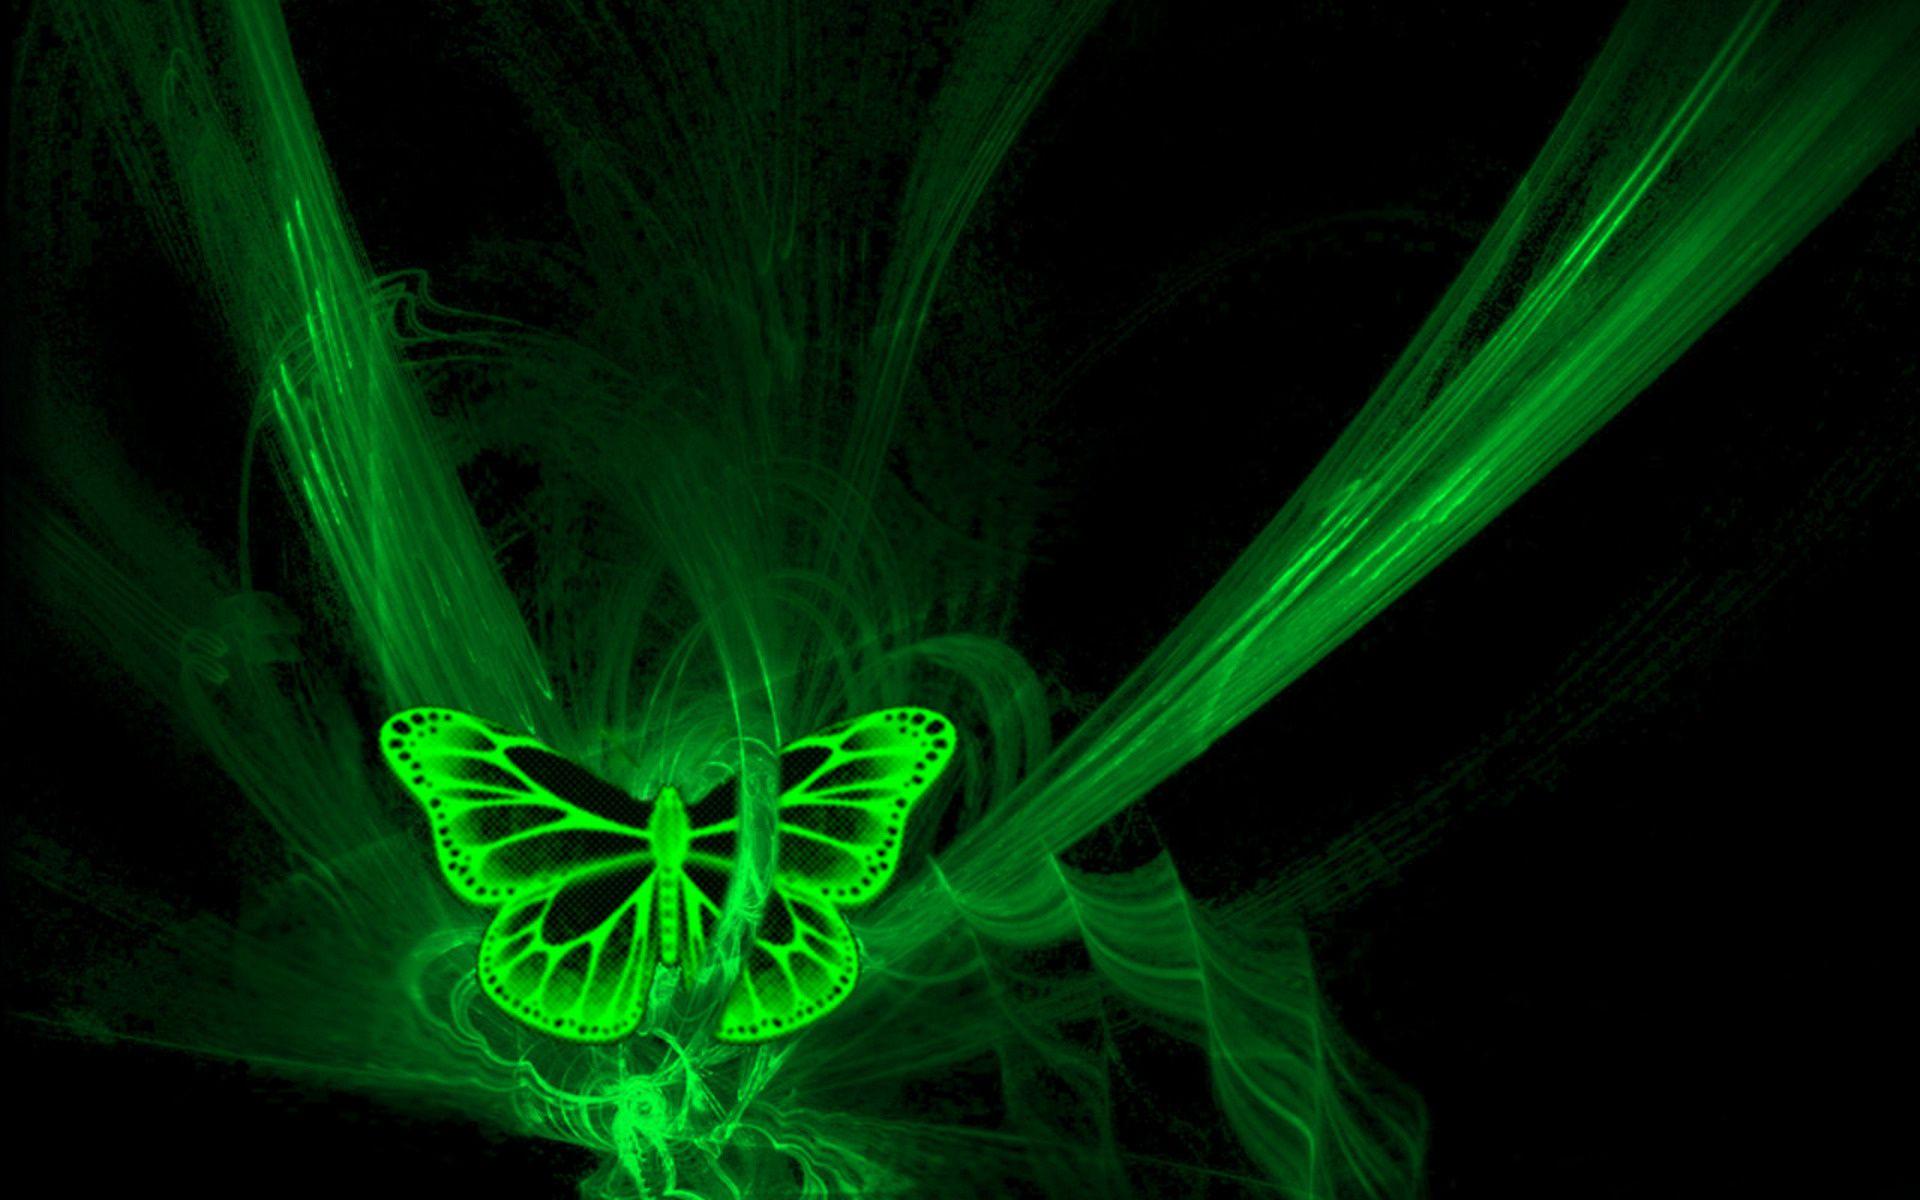 butterfly heaven wallpaper - photo #26